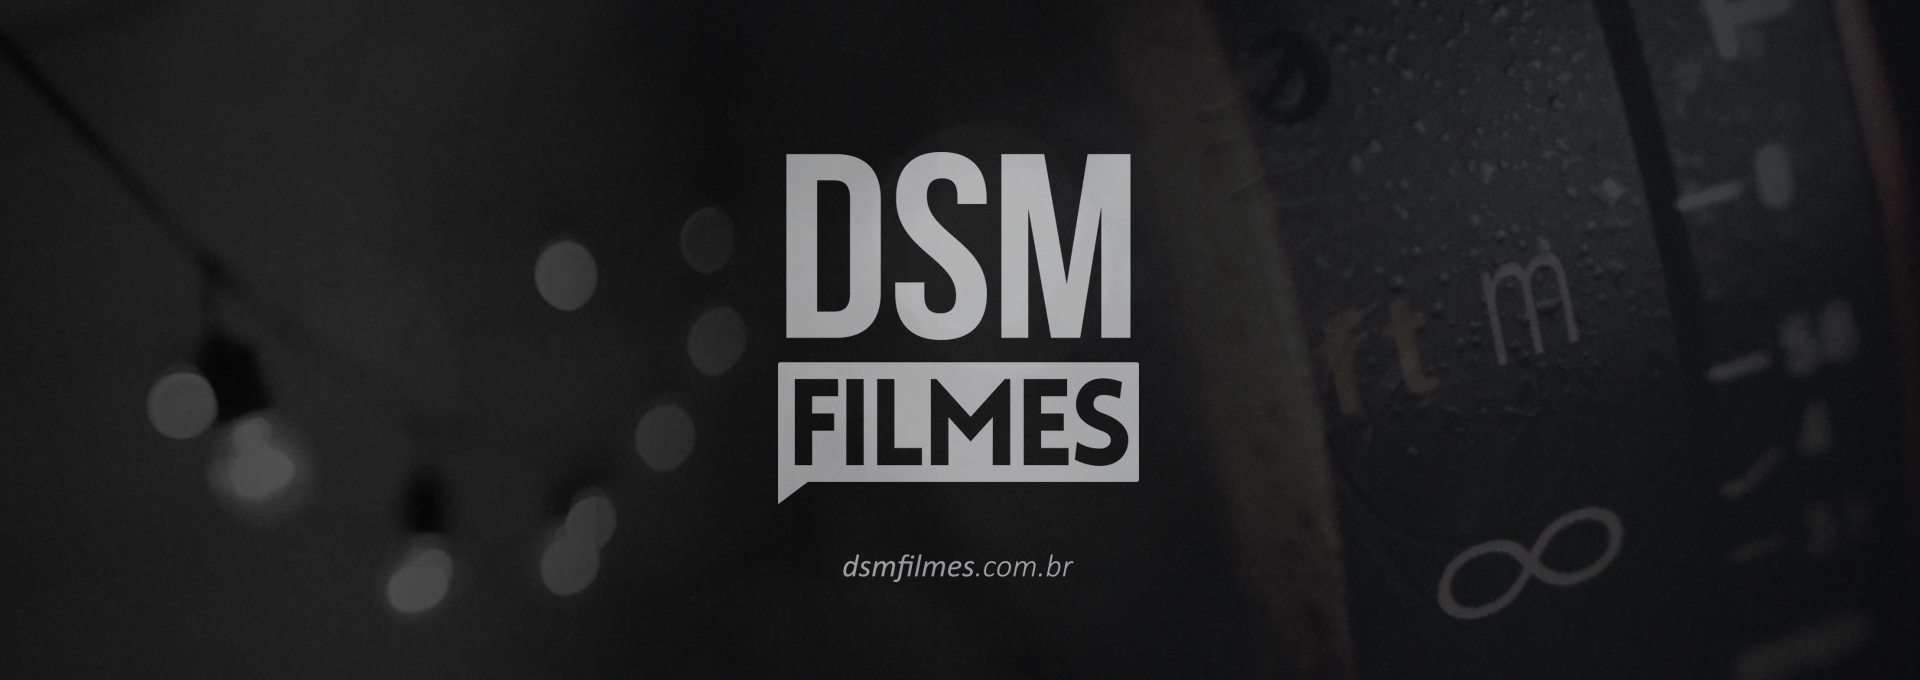 Sobre DSM Filmes